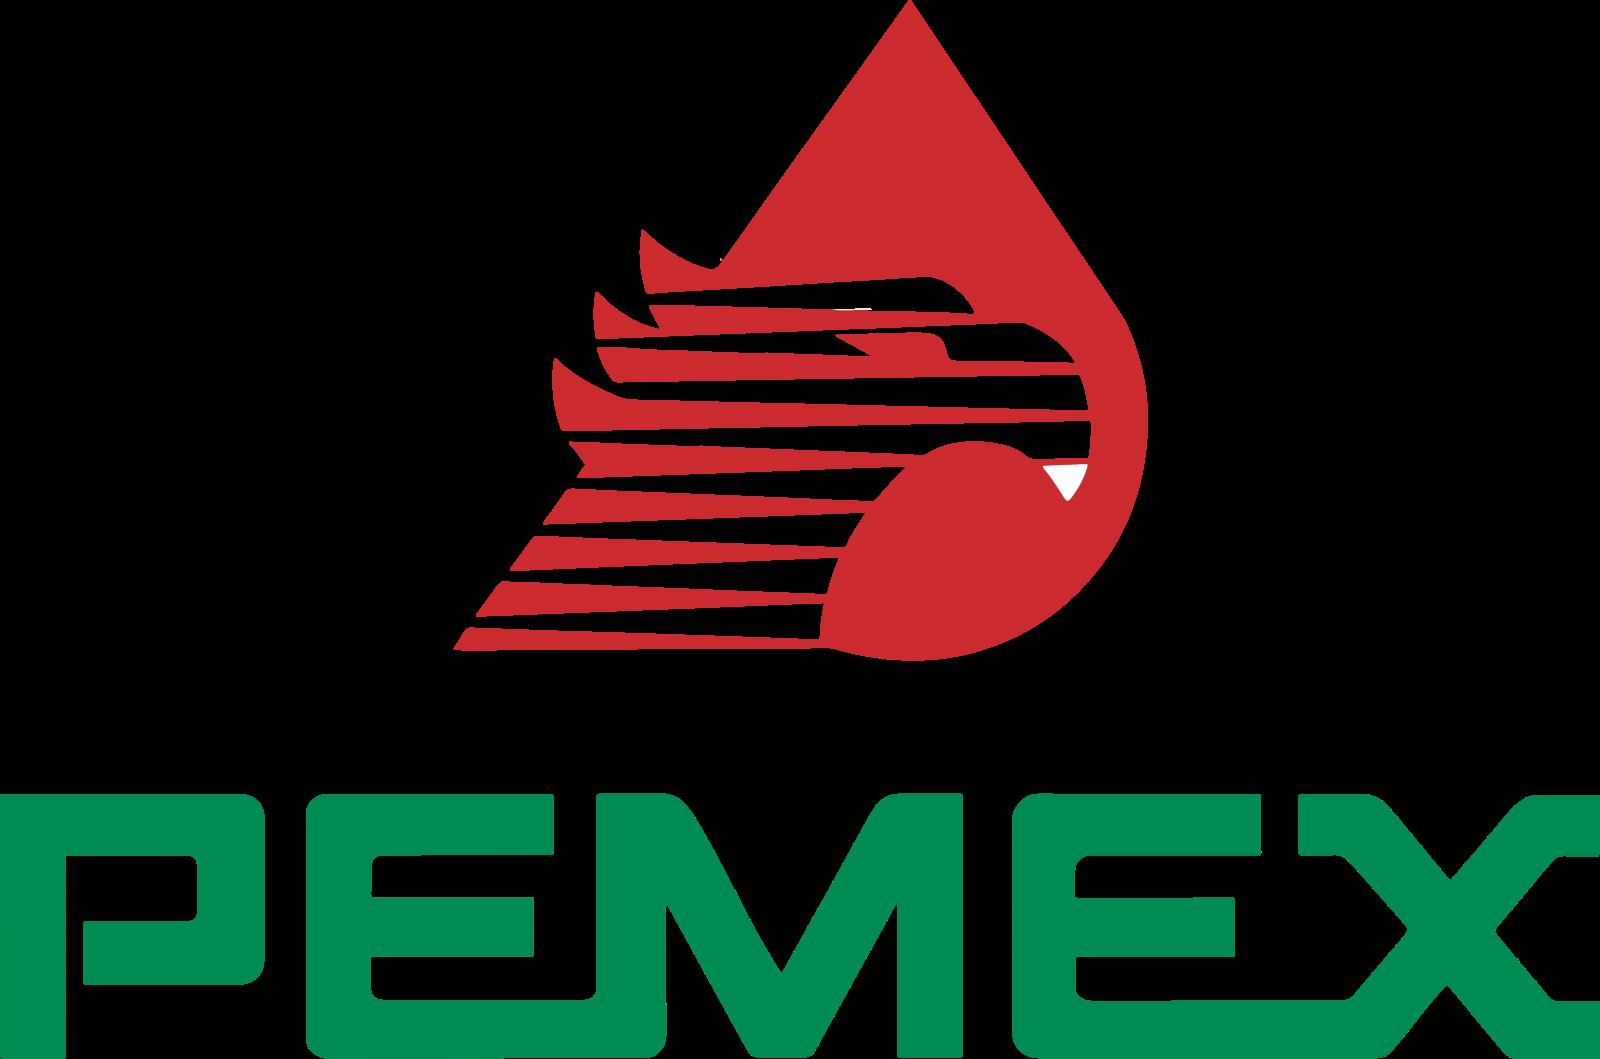 pemex logo 2 - PEMEX Logo - Petróleos Mexicanos Logo